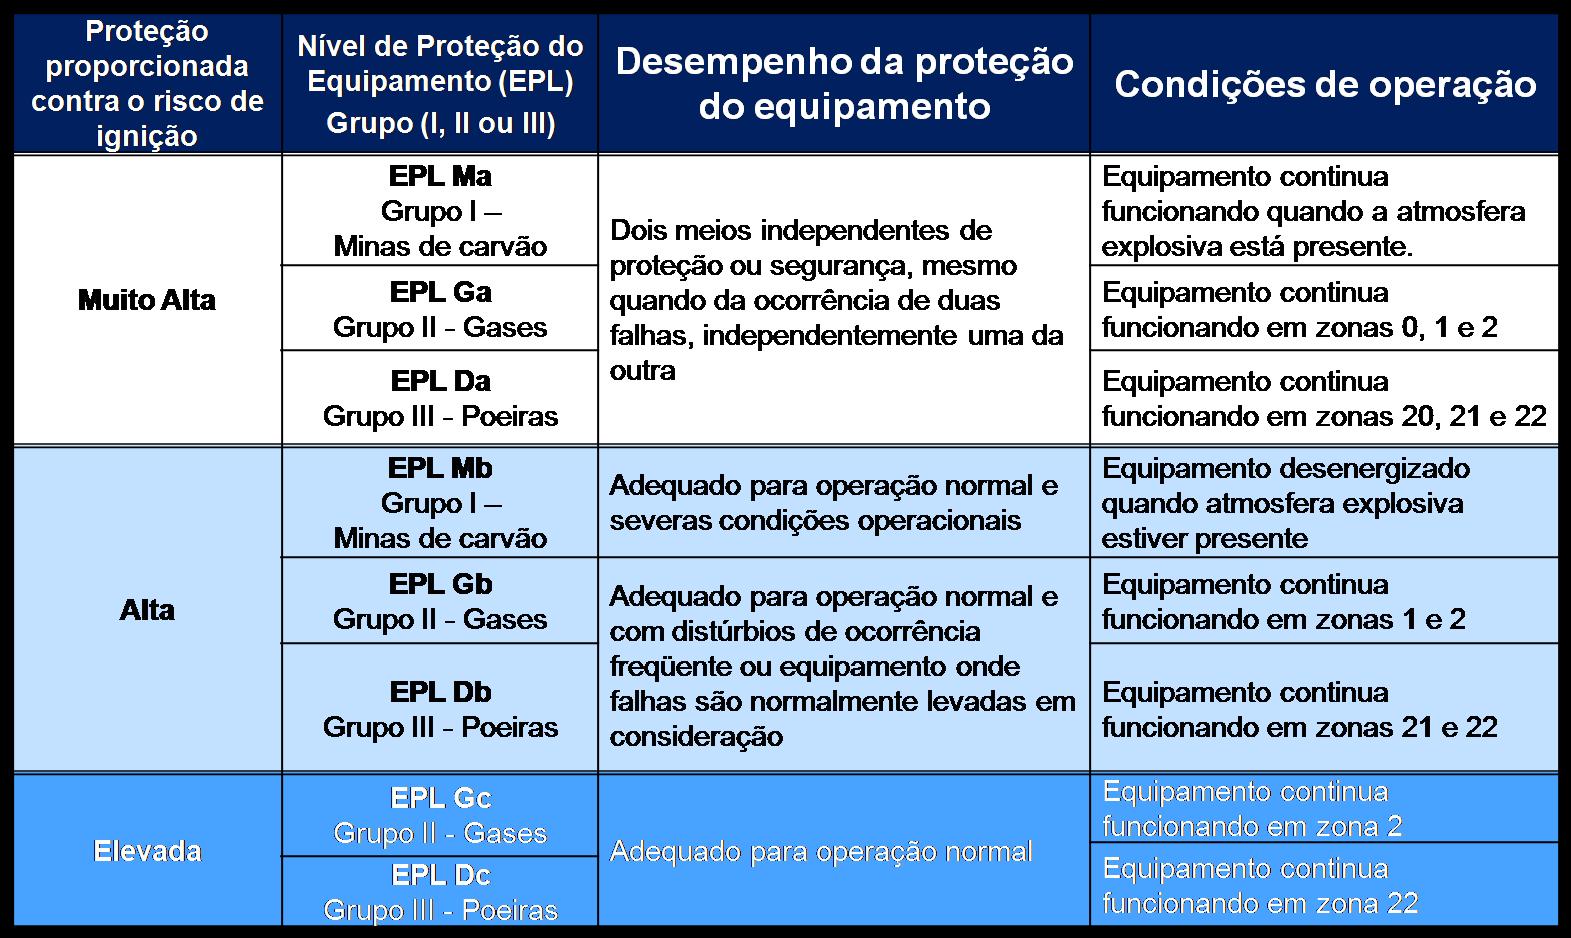 Descrição da proteção proporcionada contra o risco de ignição em função do 'EPL'.